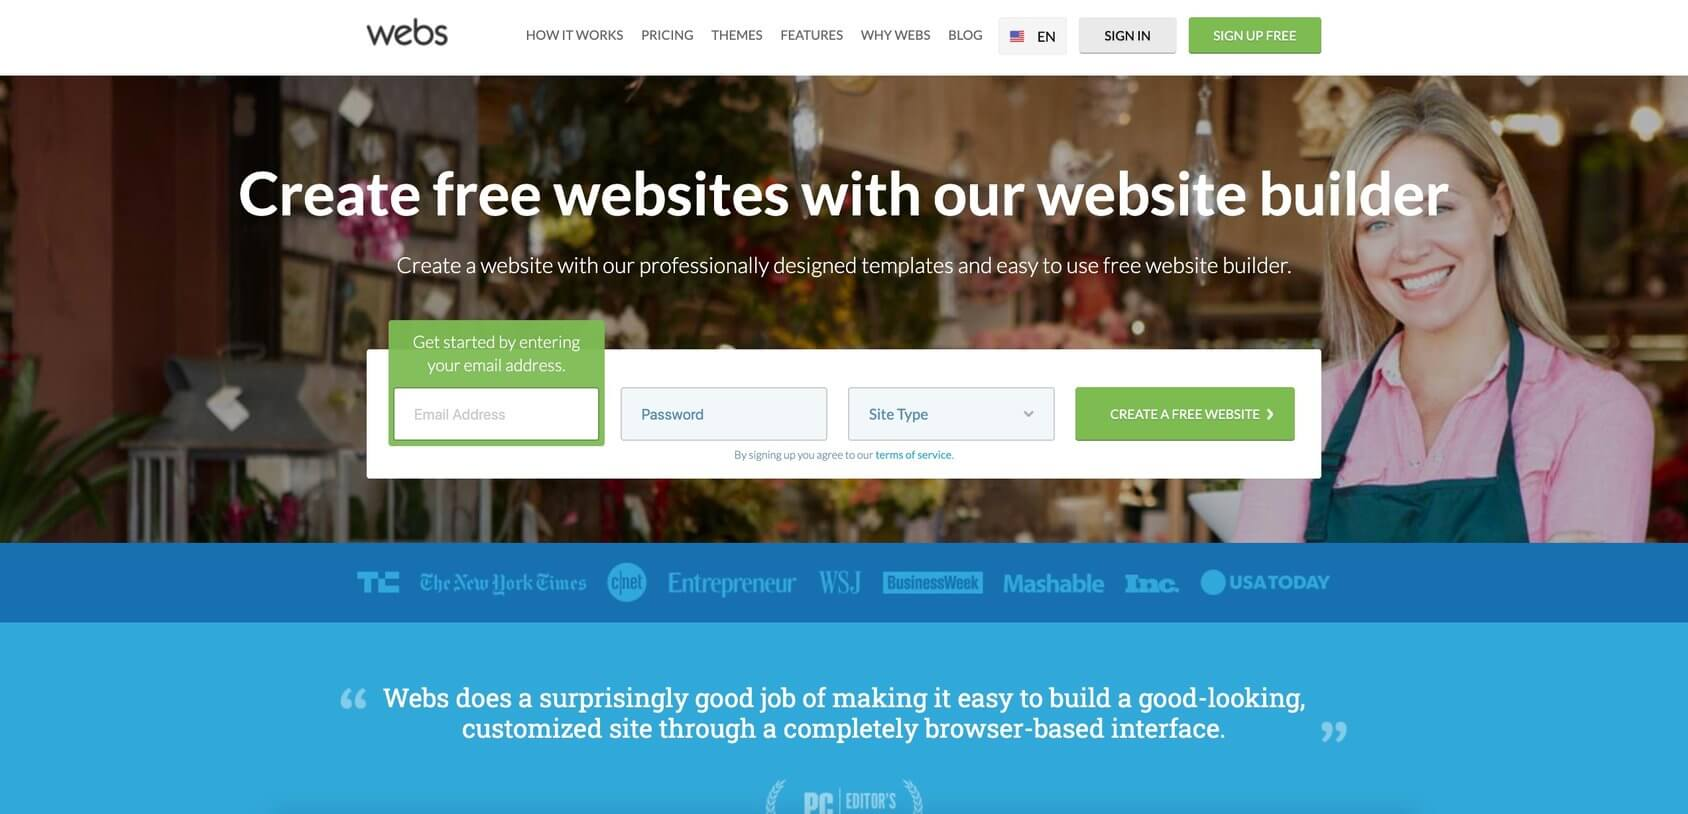 Webs homepage